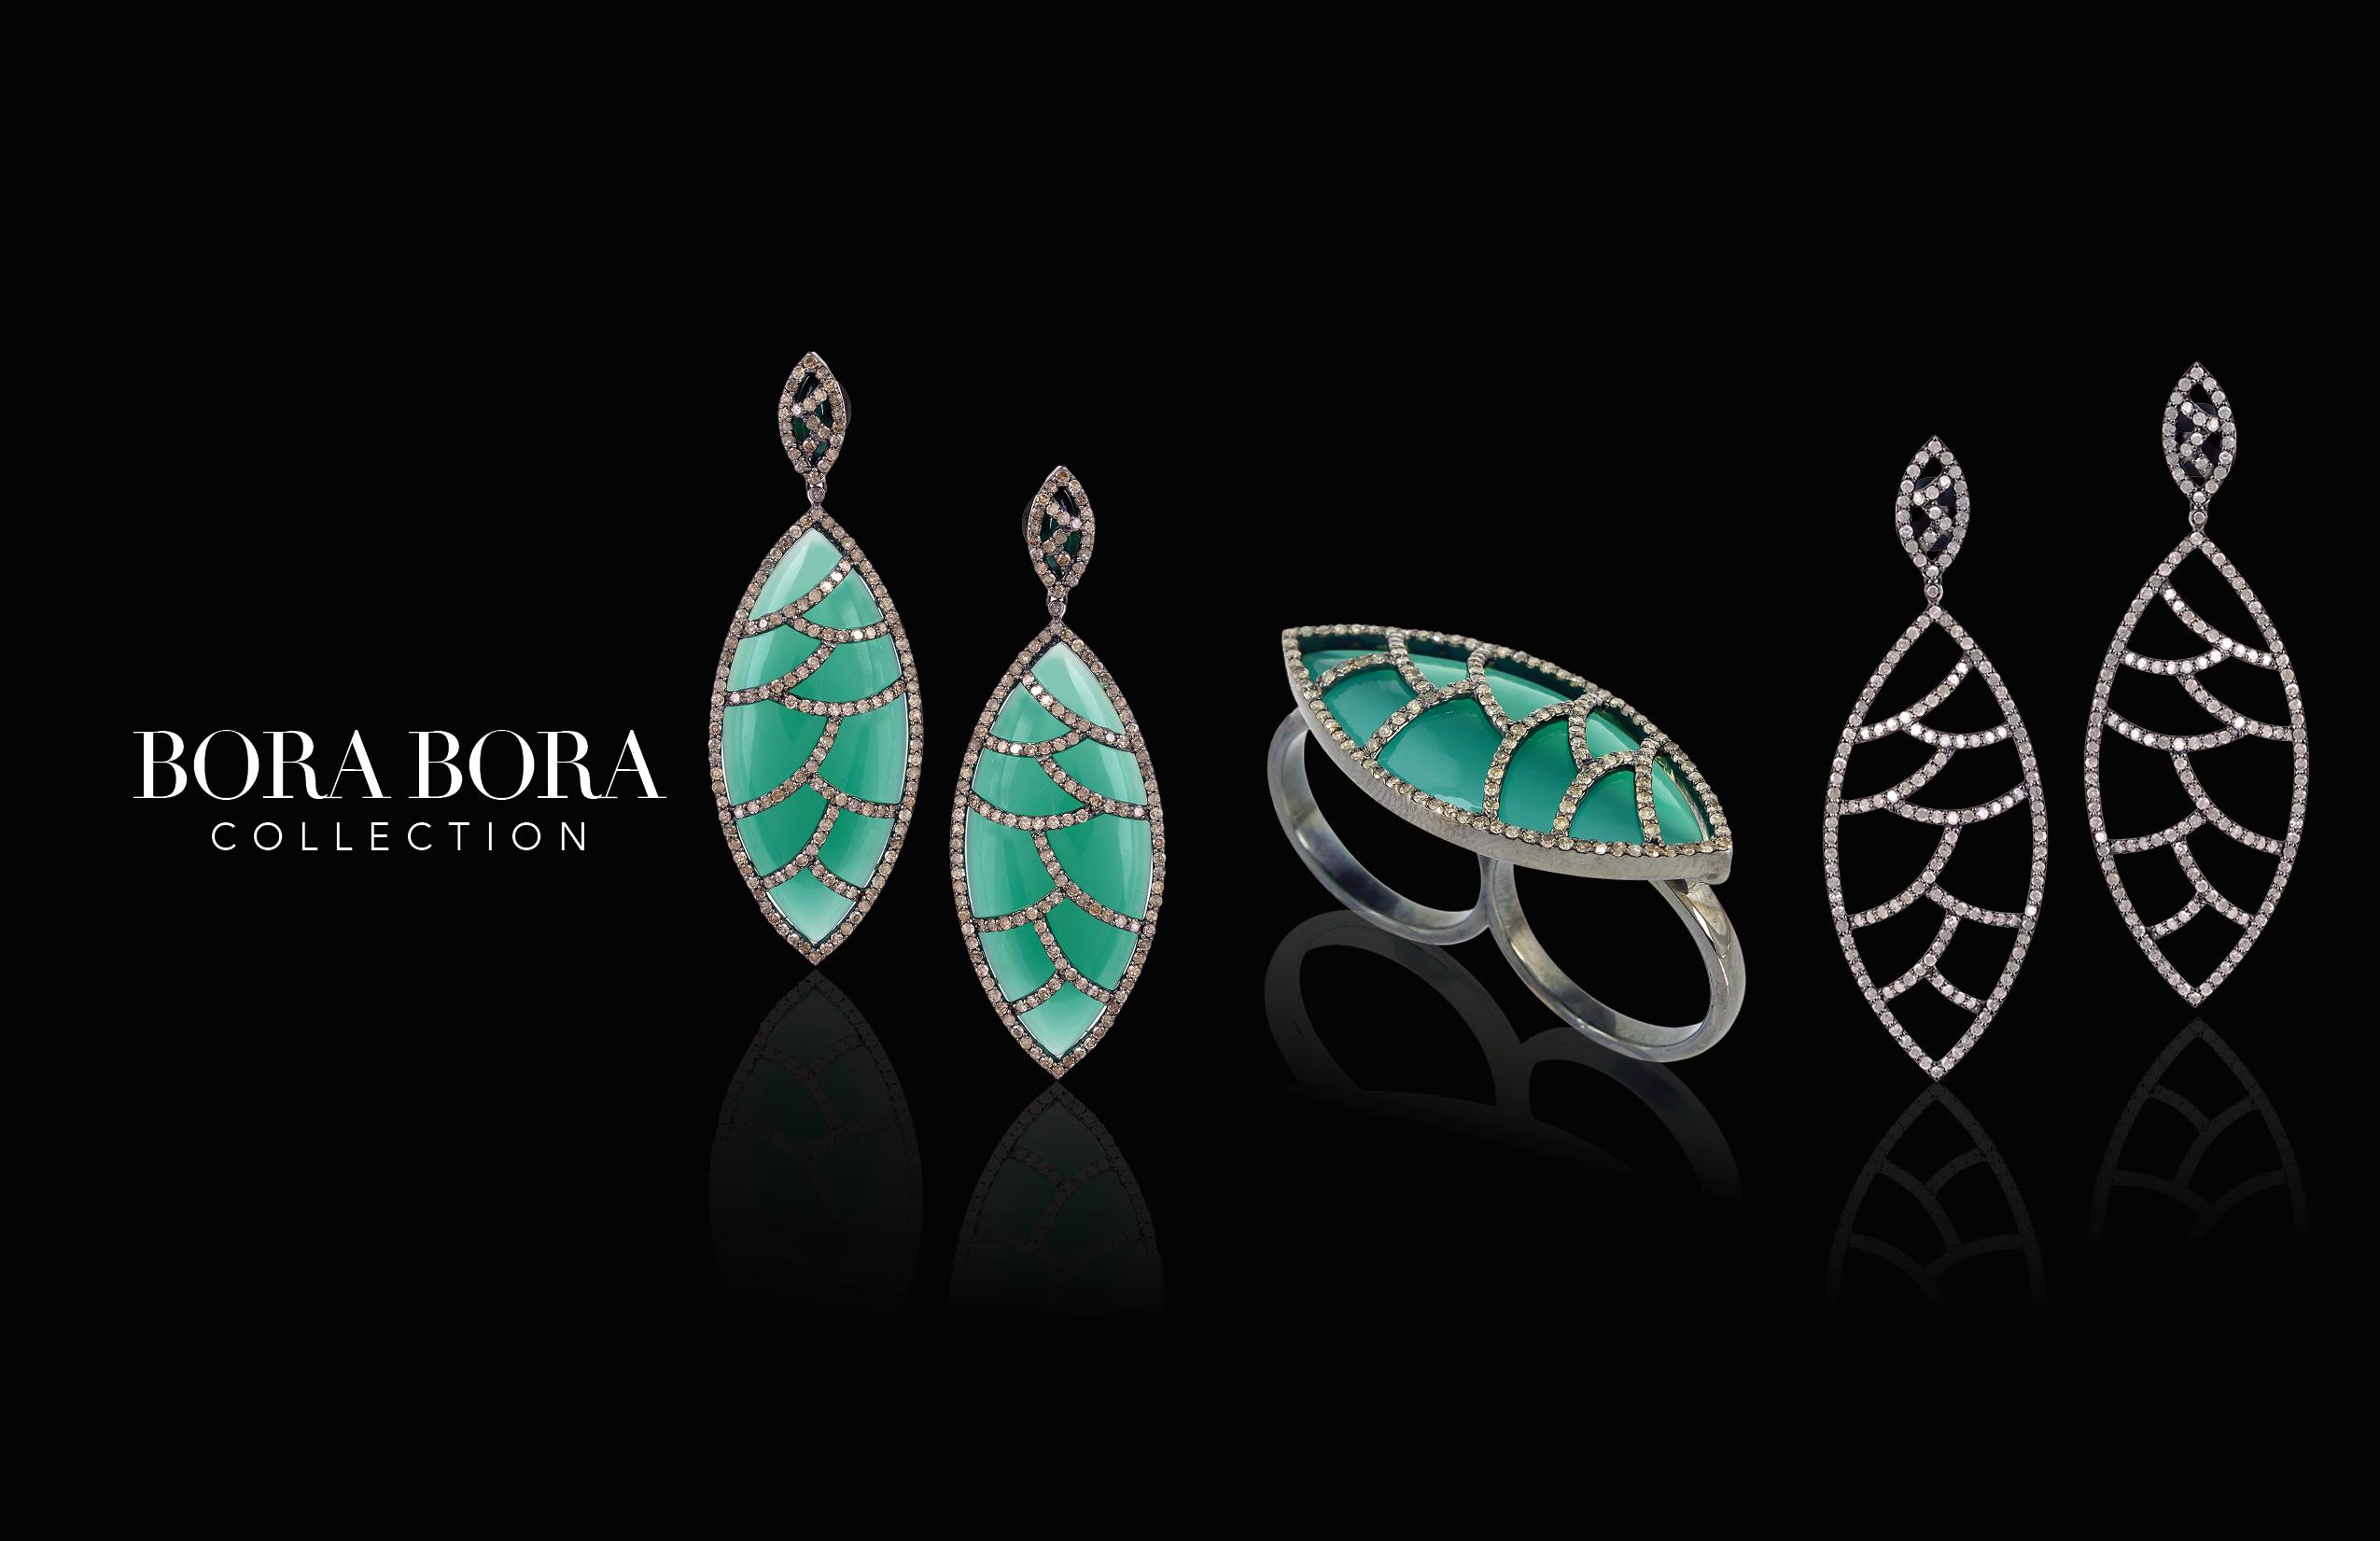 Bora bora collection